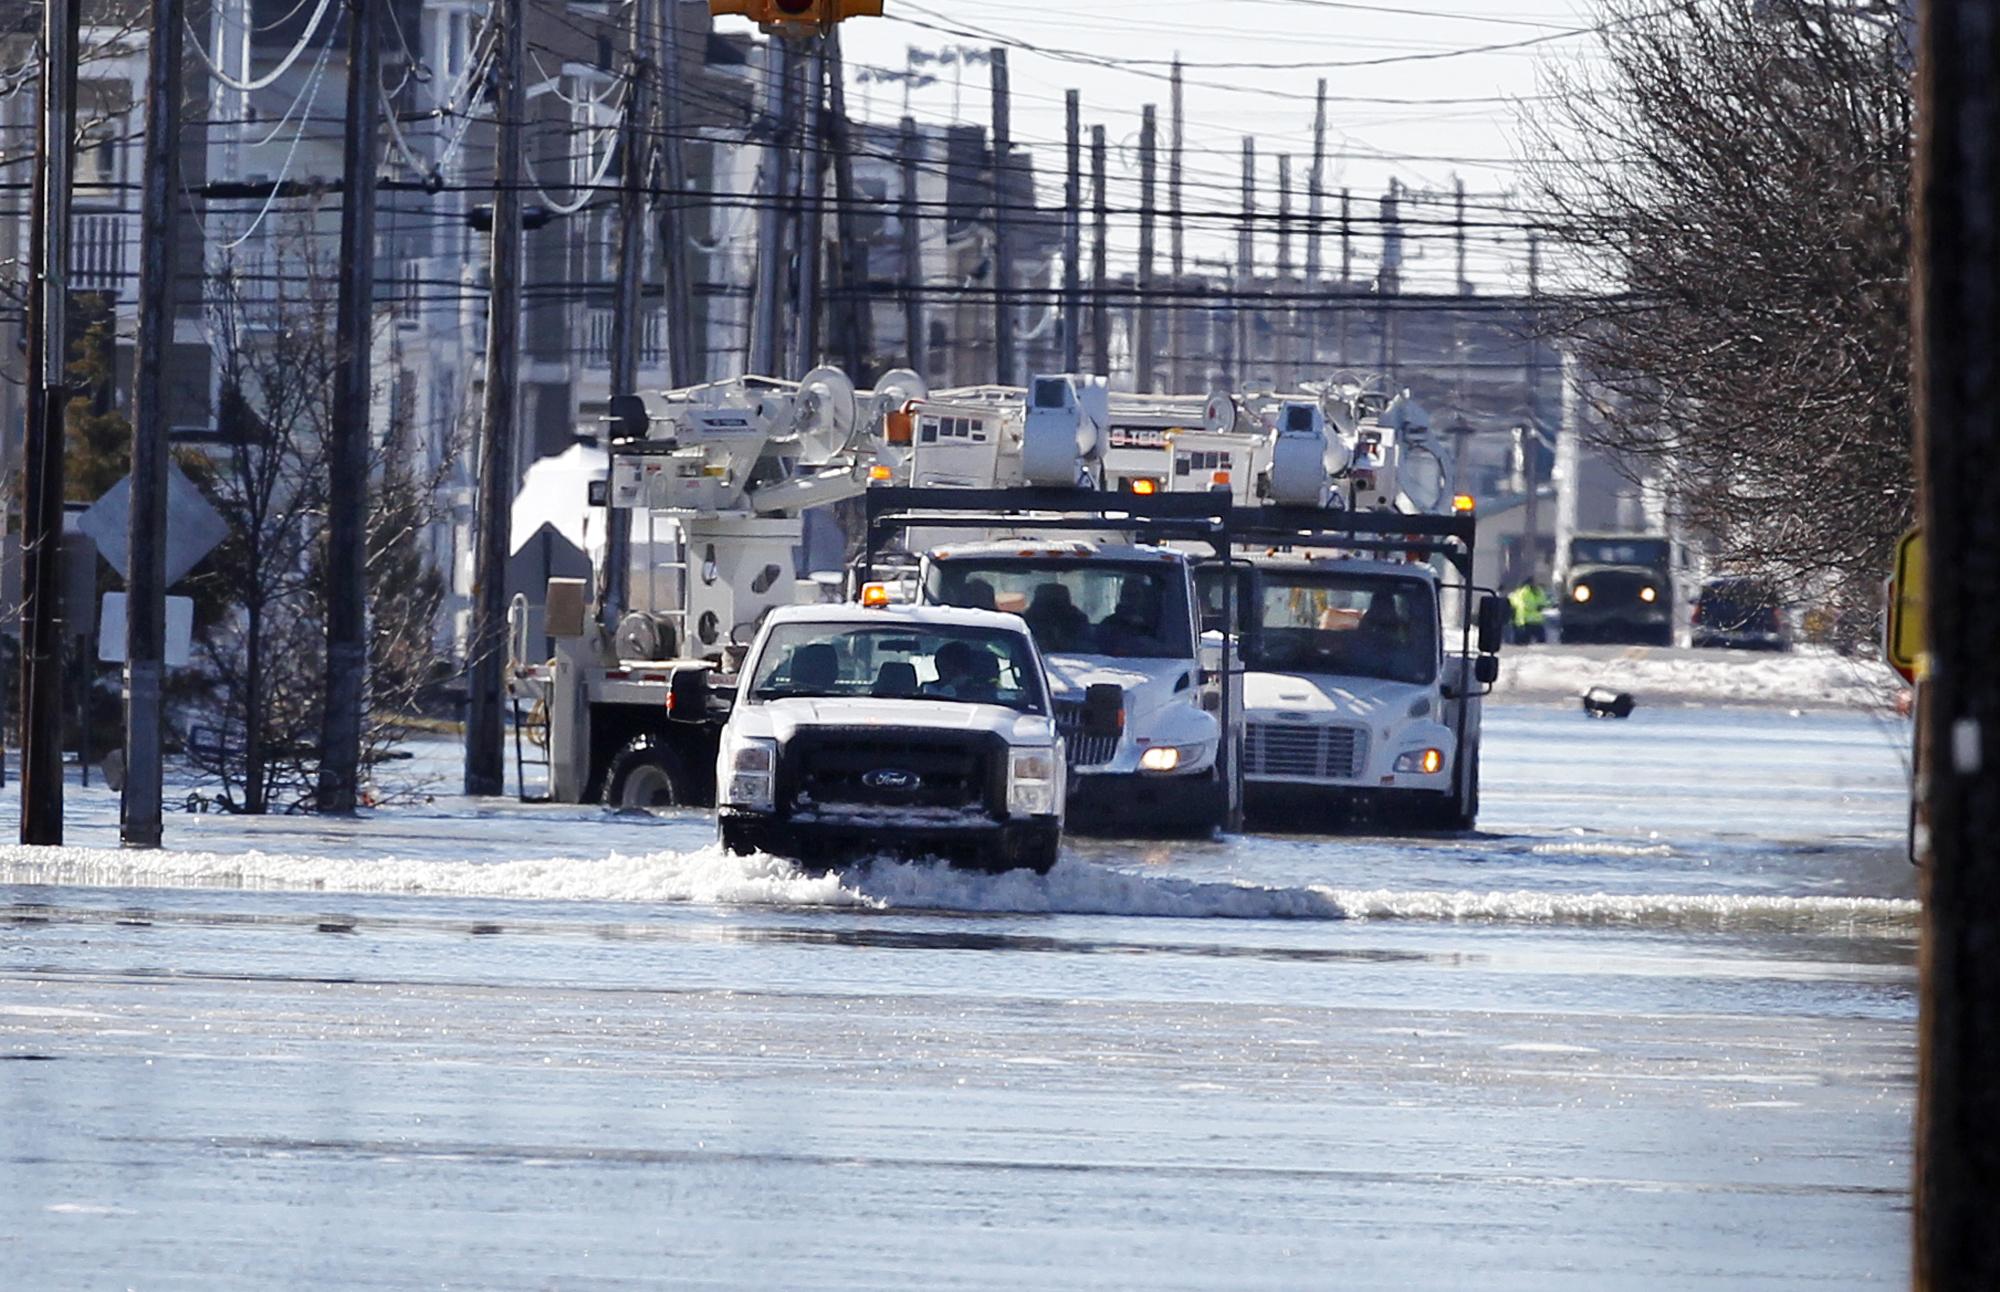 Utility repair crews in New Jersey